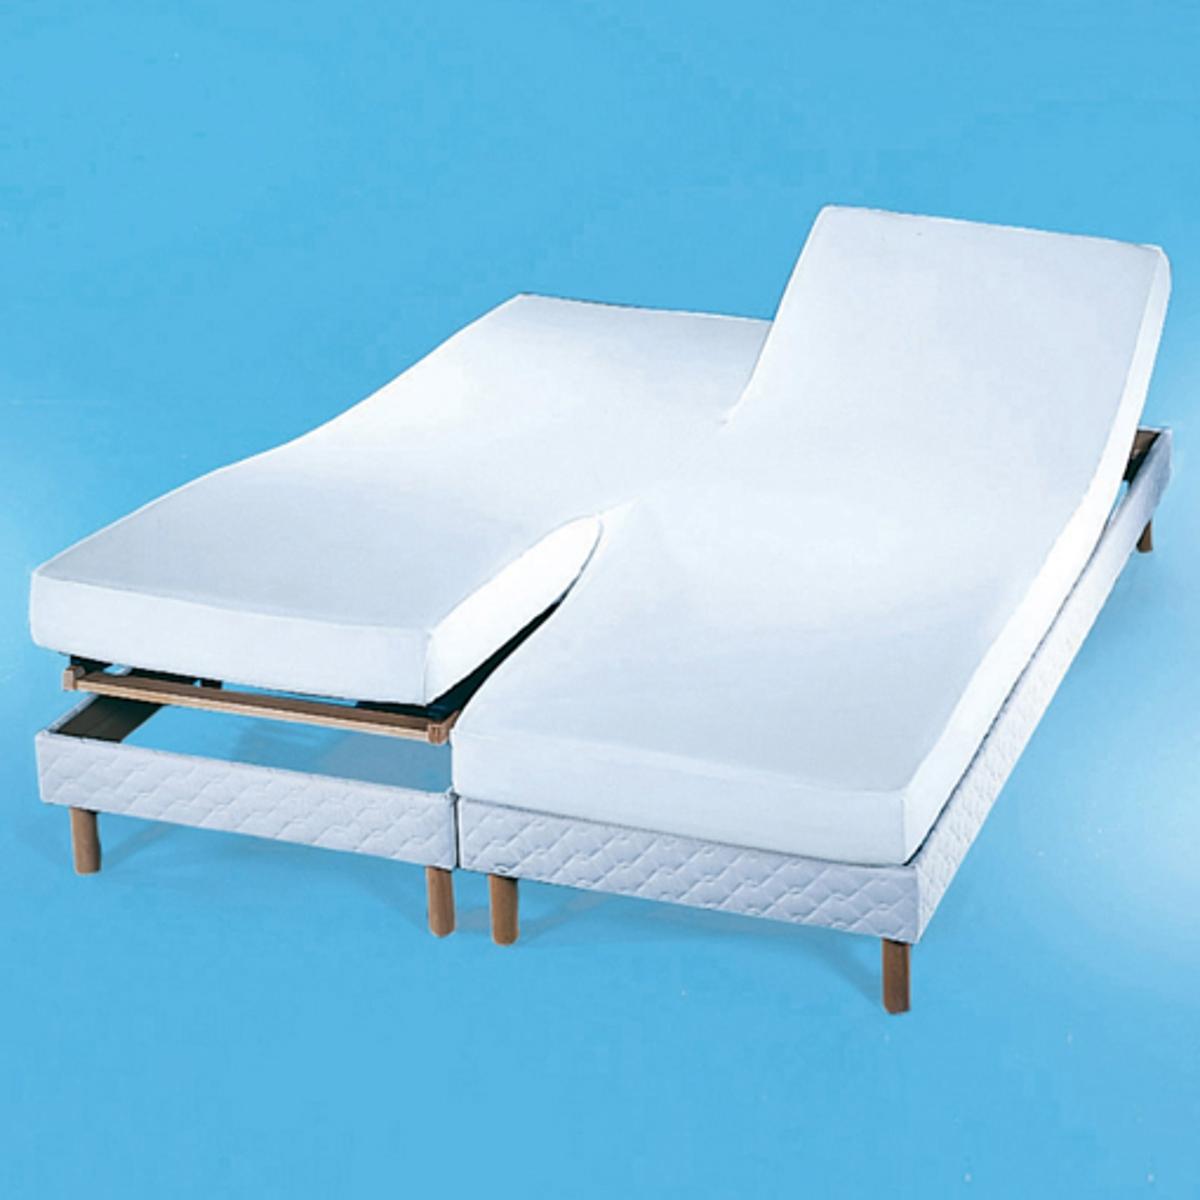 Наматрасник из мольтона для спаренных матрасов 220 г/м?Надежная защита для Ваших постельных принадлежностей и уникальный комфорт для Вас: этот чехол поглощает потоотделения, выделение которых неизбежно во время сна, и защищает подушки и одеяла от появления разводов, а также скопления бактерий и клещей. Чехол для спаренных матрасов (с поднимающимся низом и изголовьем) из мольтона (220 г/м?), 100% хлопок, высокий комфорт (начес с двух сторон) и прочность. 2 наматрасника, сшитых посередине. Стирка при 95°С для идеальной гигиены, обработка от усадки ткани SANFOR. Натяжные уголки. Качество VALEUR S?RE.<br><br>Цвет: белый